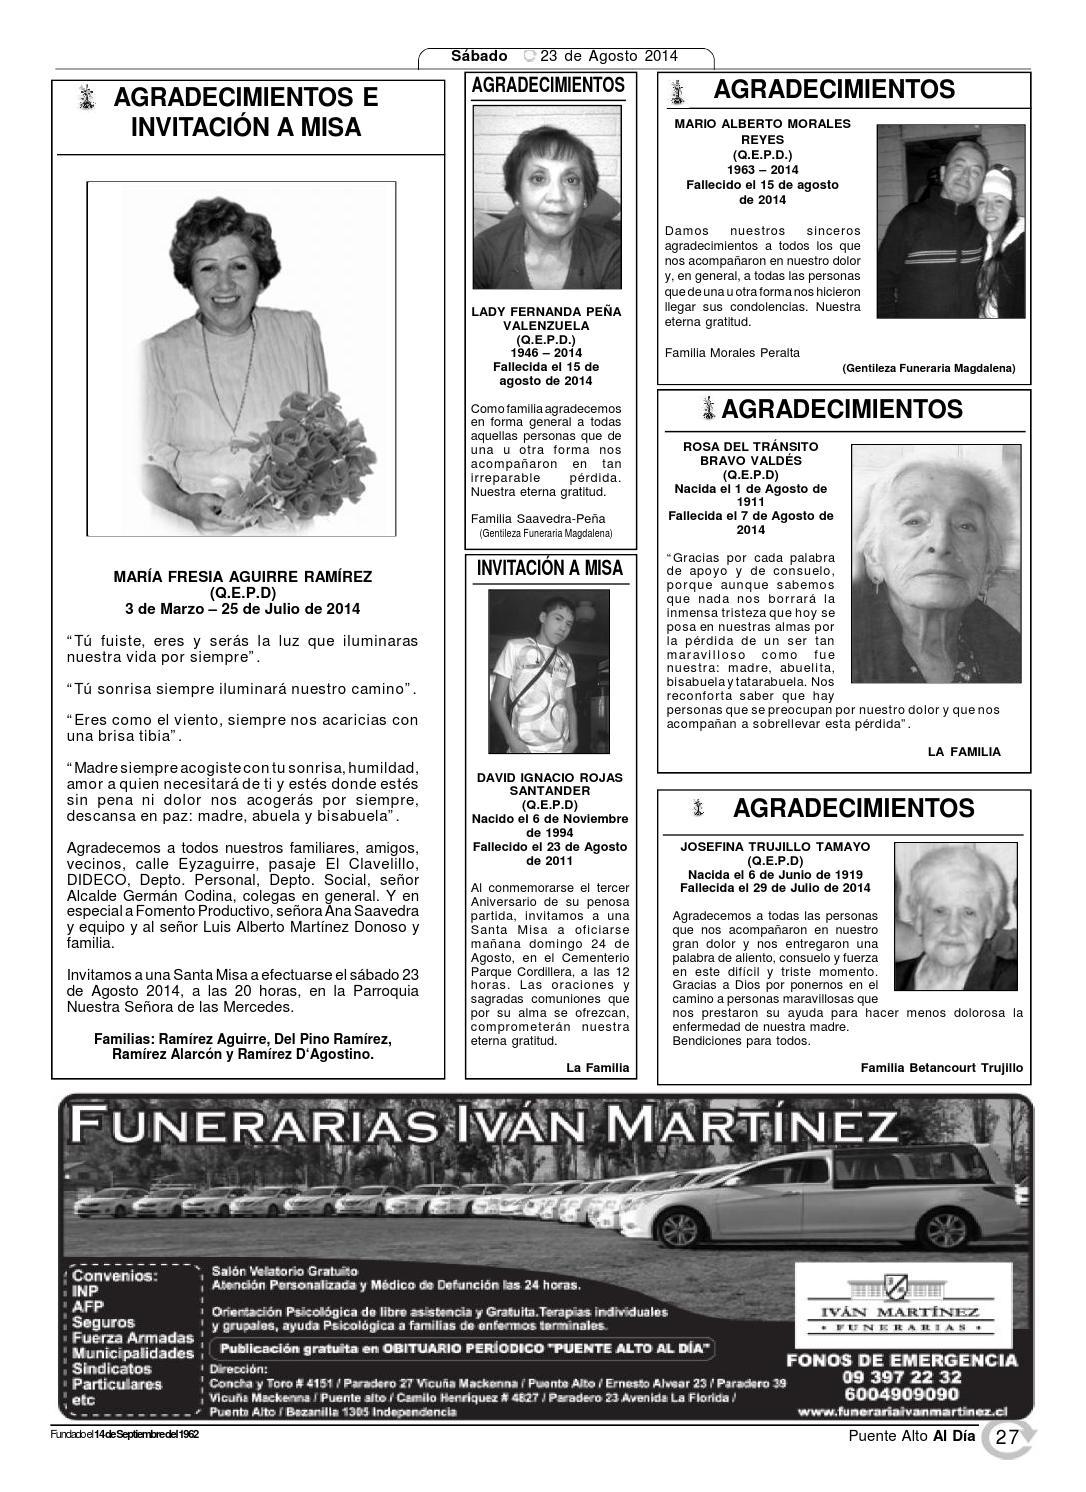 Edición 23 De Agosto 2014 By Puente Alto Al Día Issuu